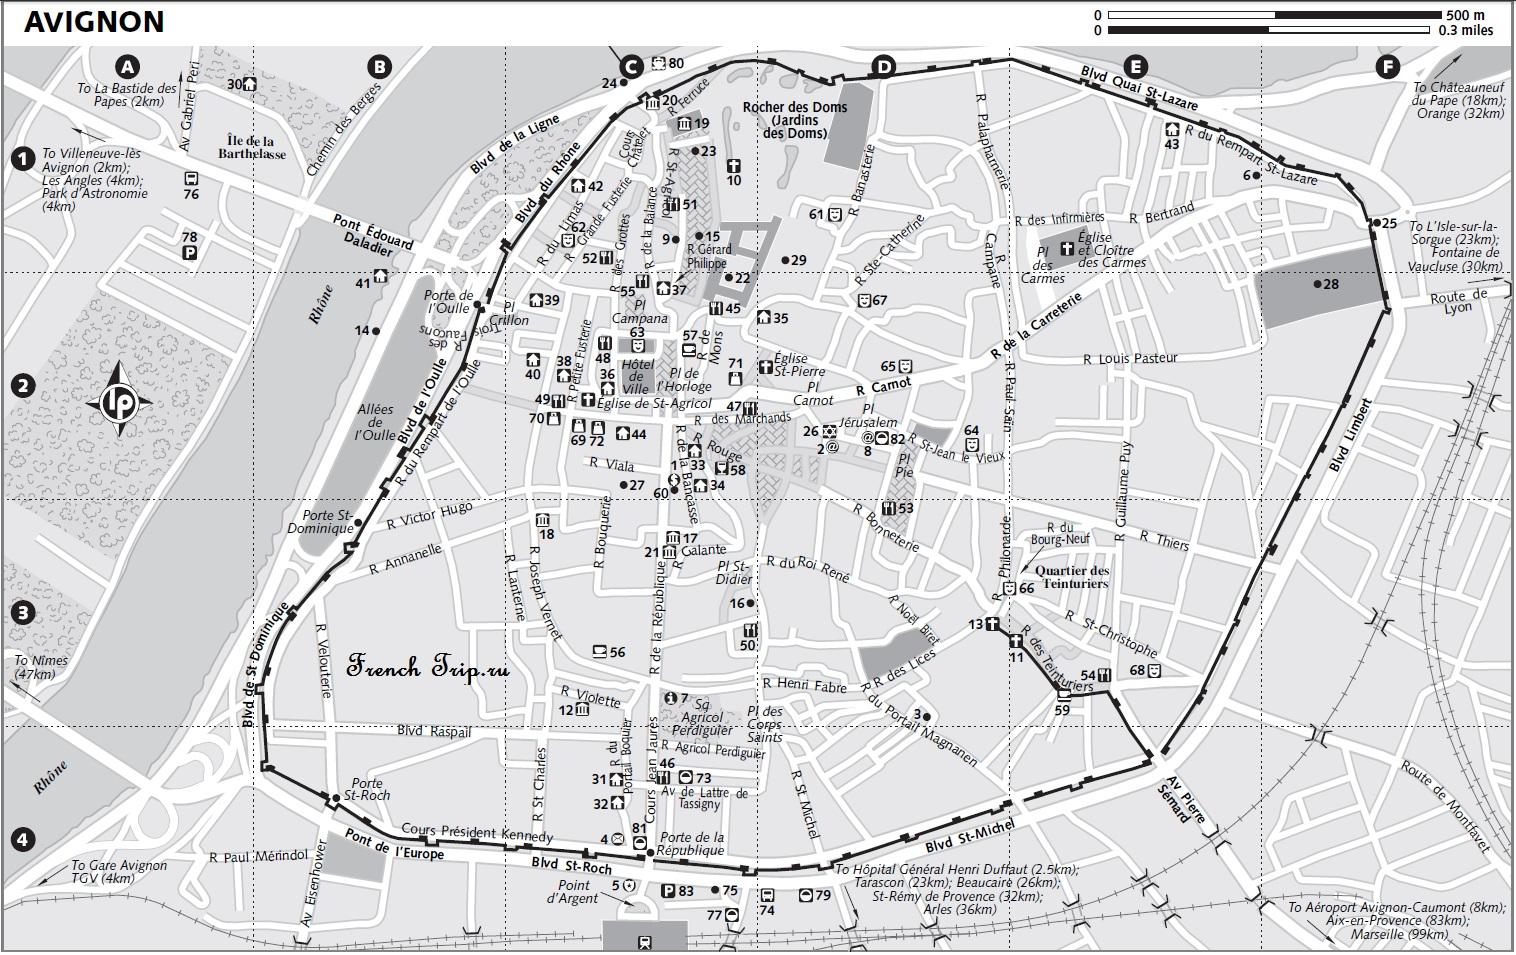 Карты Авиньона (Avignon) с отмеченными достопримечательностями: что посмотреть в Авиньоне, достопримечательности Авиньона на карте. Путеводитель по Авиньону, Avignon map, Avignon sights on map, Provence, France, whet to see in Avignon, Avignon tourist map, достопримечательности Прванса, карта Авиньона, карта Авиньона с достопримечательносями